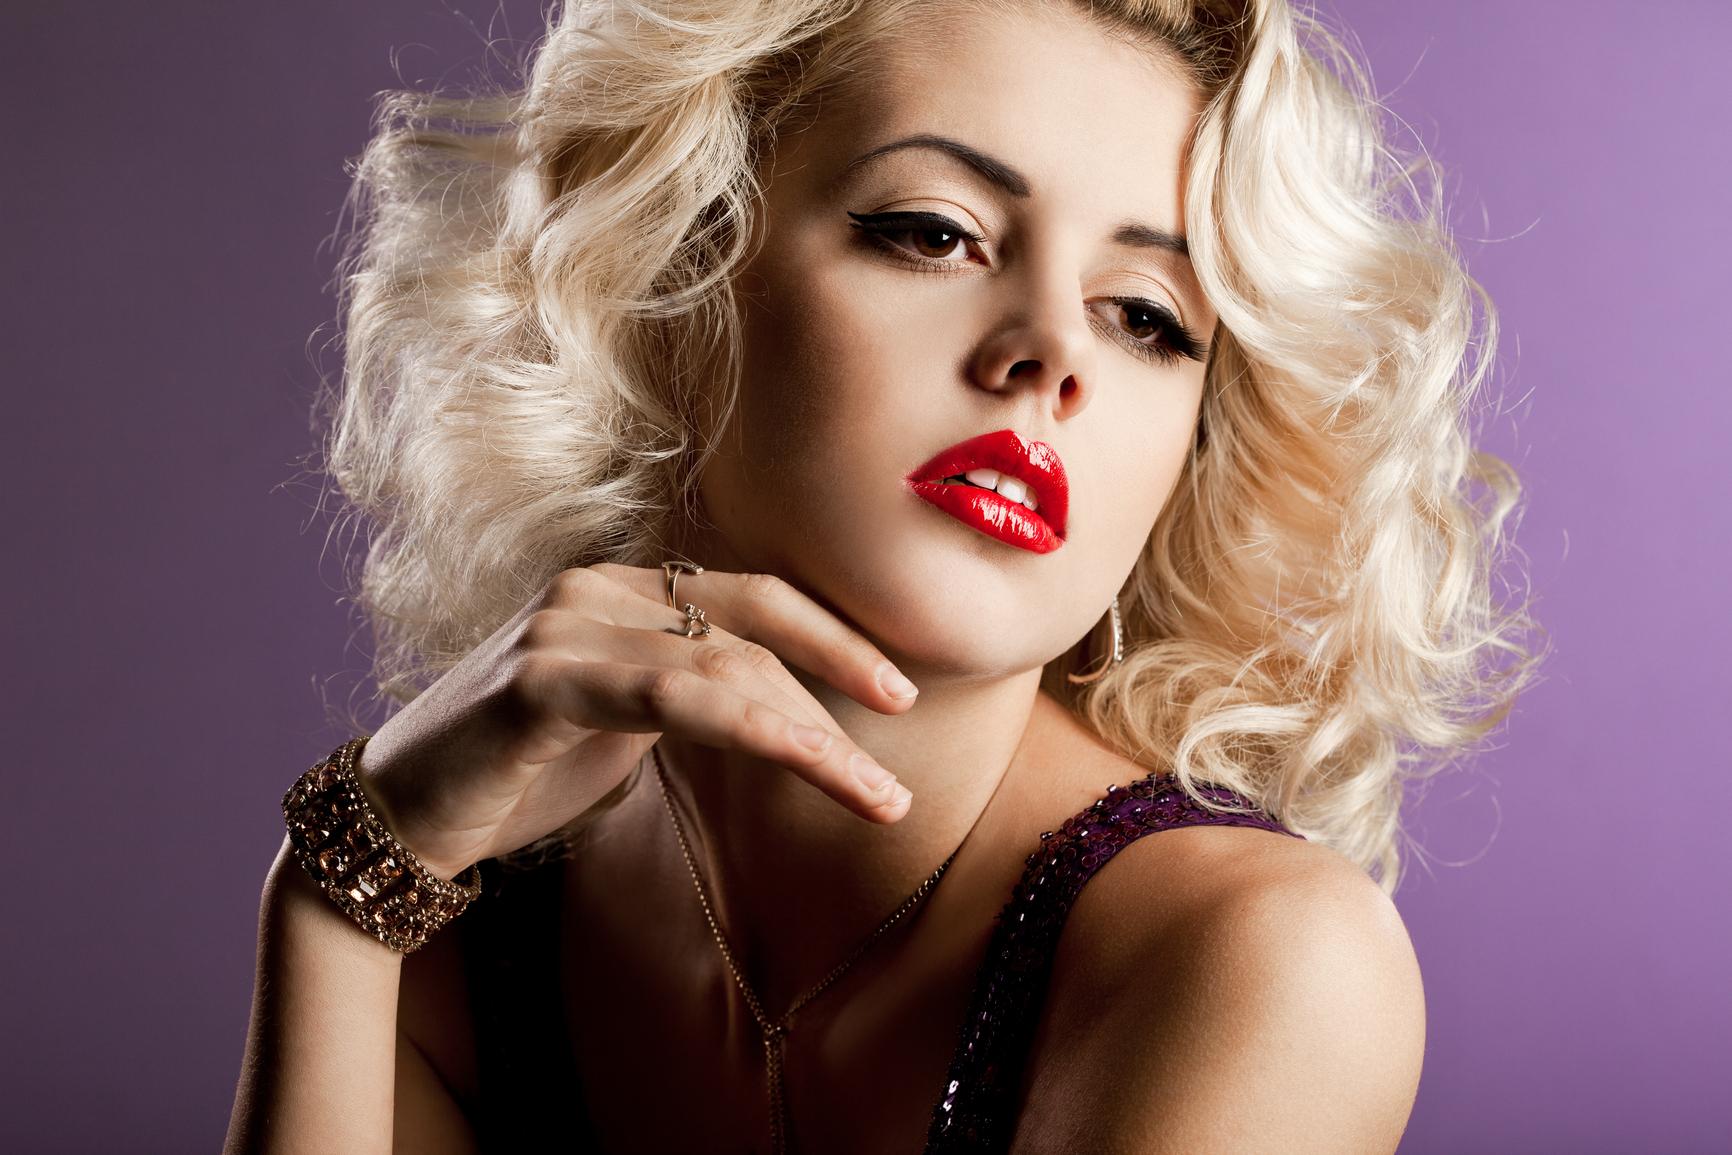 Помни: минимализм в макияже спасет тебя от многих ошибок